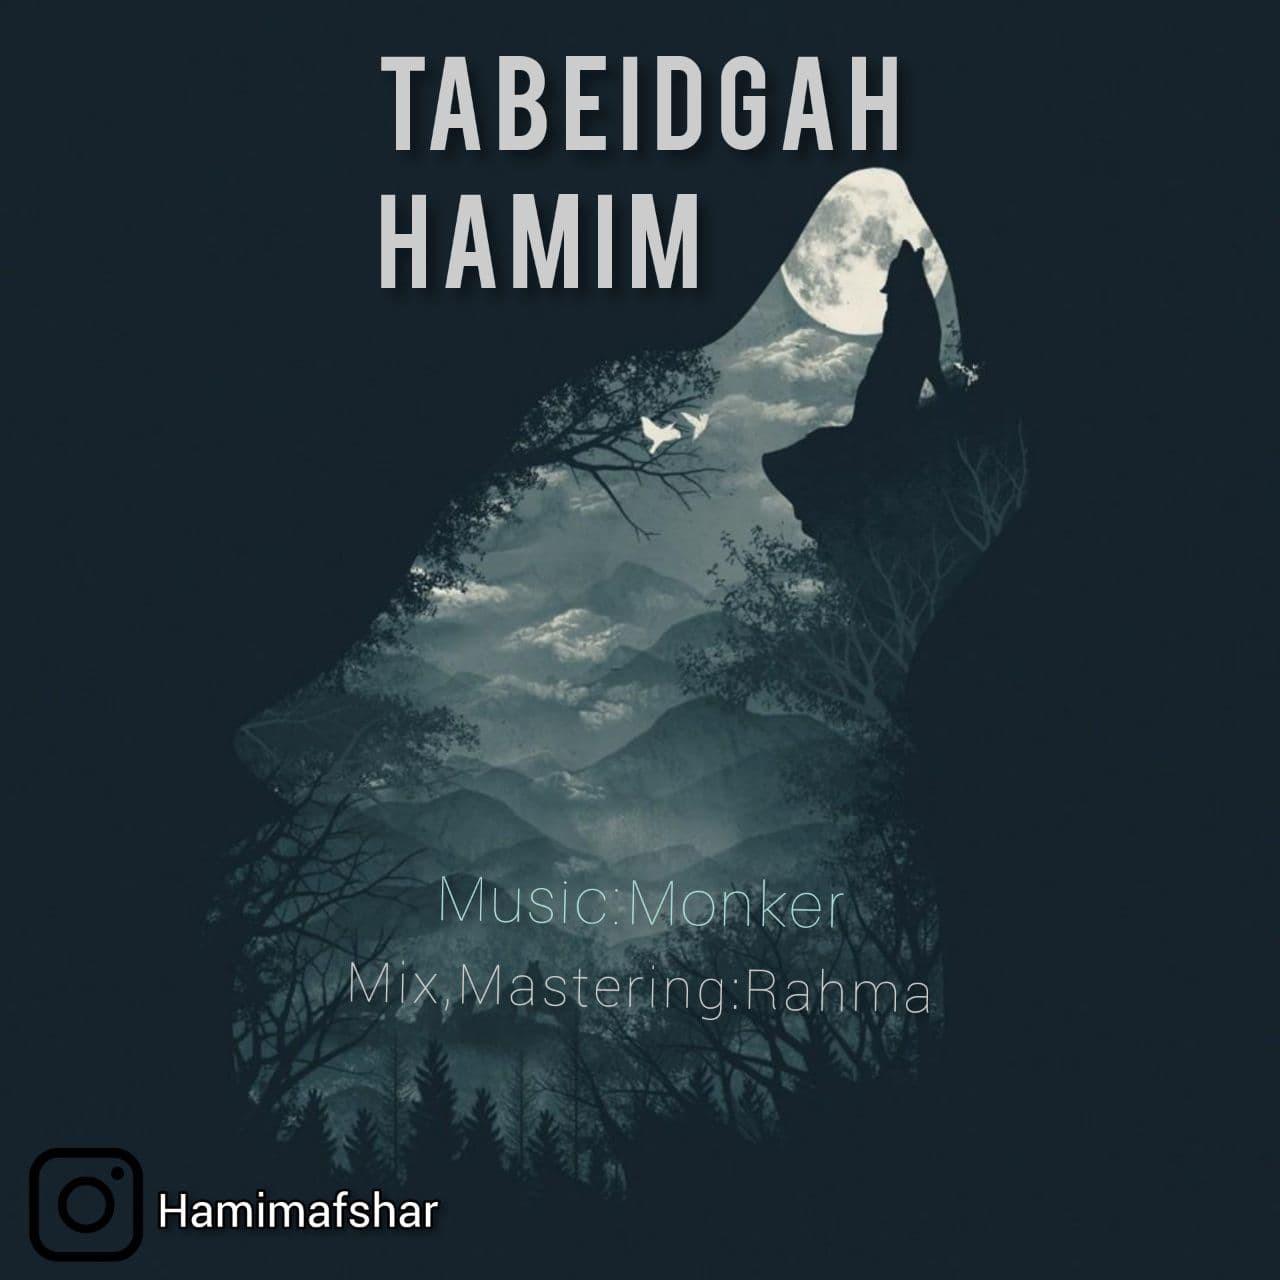 Hamim - Tabeidgah